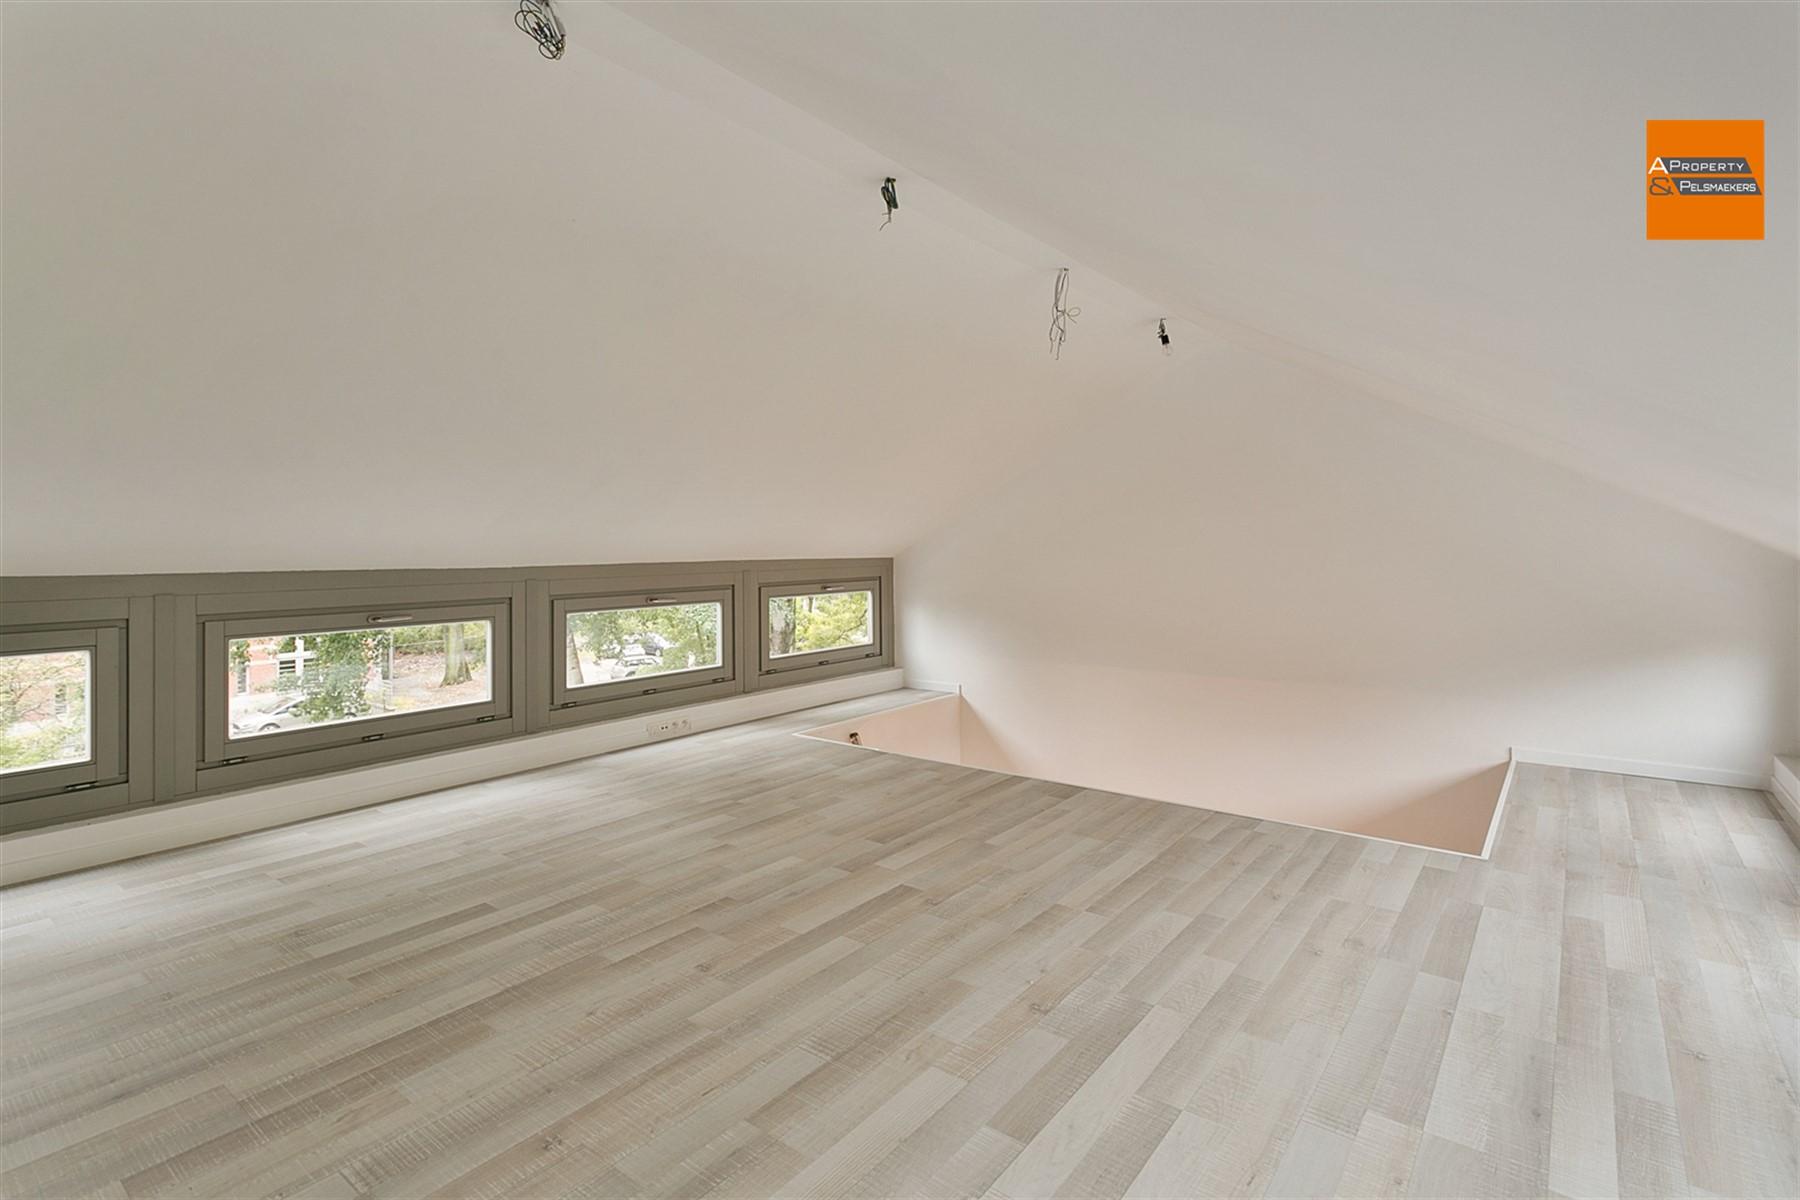 Foto 32 : Huis in 1070 Anderlecht (België) - Prijs € 540.585